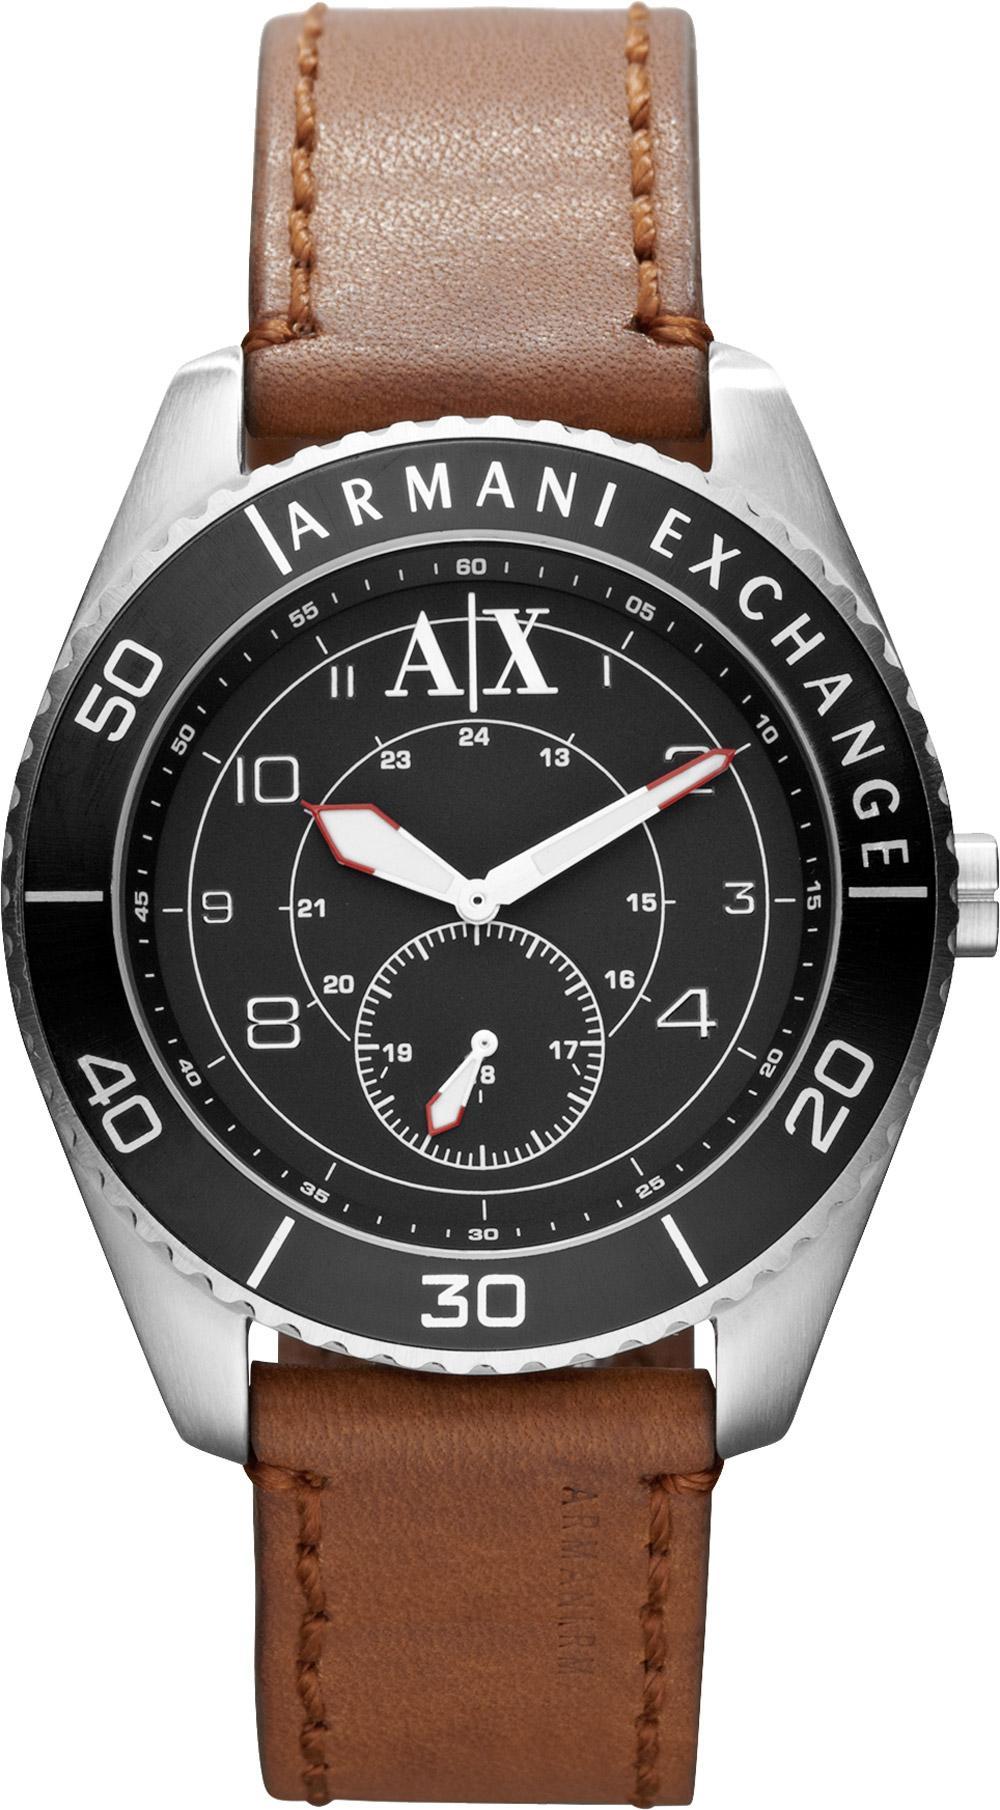 Foto ax4050 armani exchange ladies eva black silver watch for Imagenes de relojes